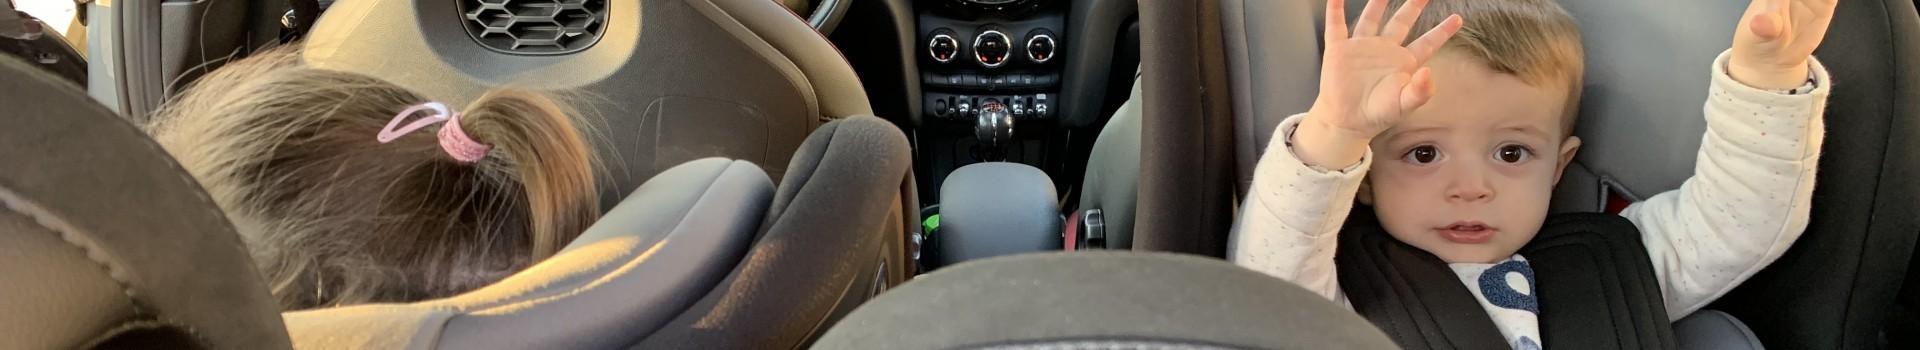 Sillas de coche | Sillas de auto grupo 0 1 2 y 3 | Baby Monsters